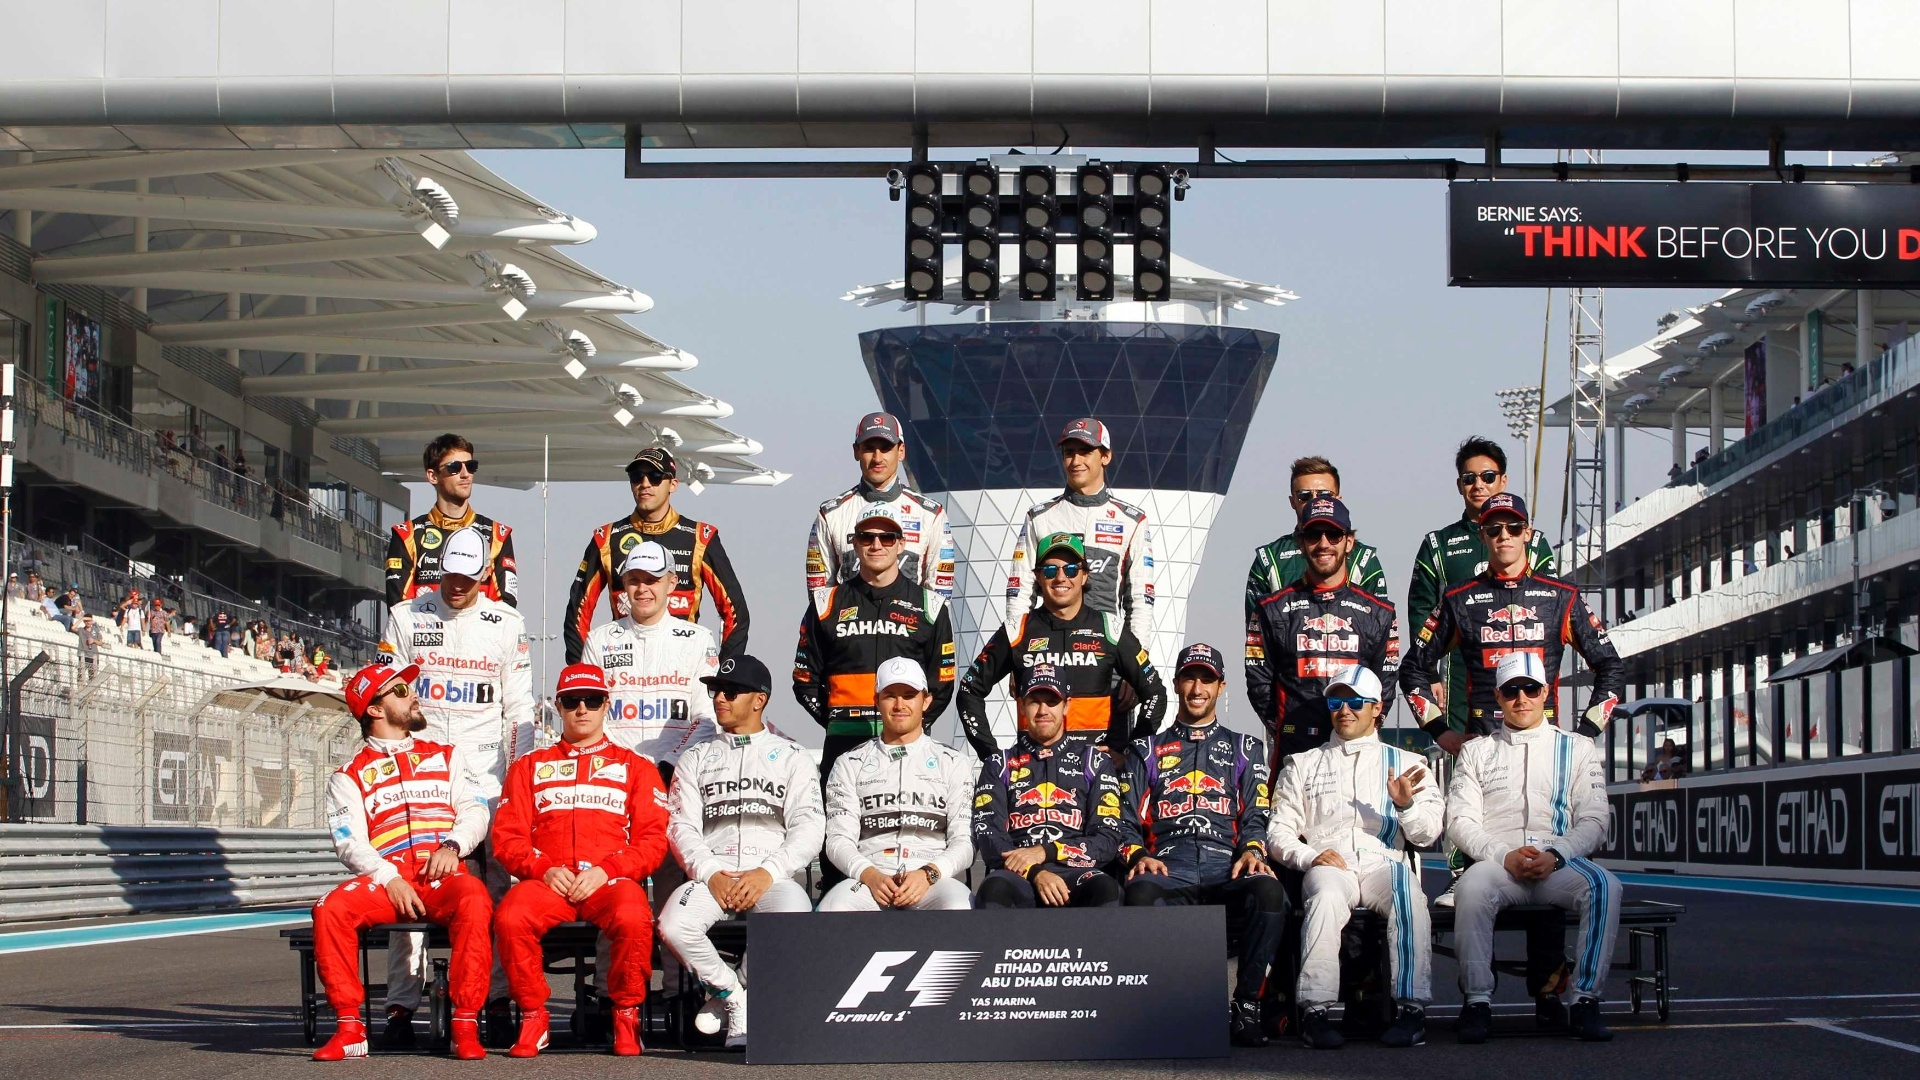 Pilotos posam para a tradicional foto antes do GP de Abu Dhabi, o último da temporada 2014 da Fórmula 1, que começa com briga Hamilton x Rosberg pelo título